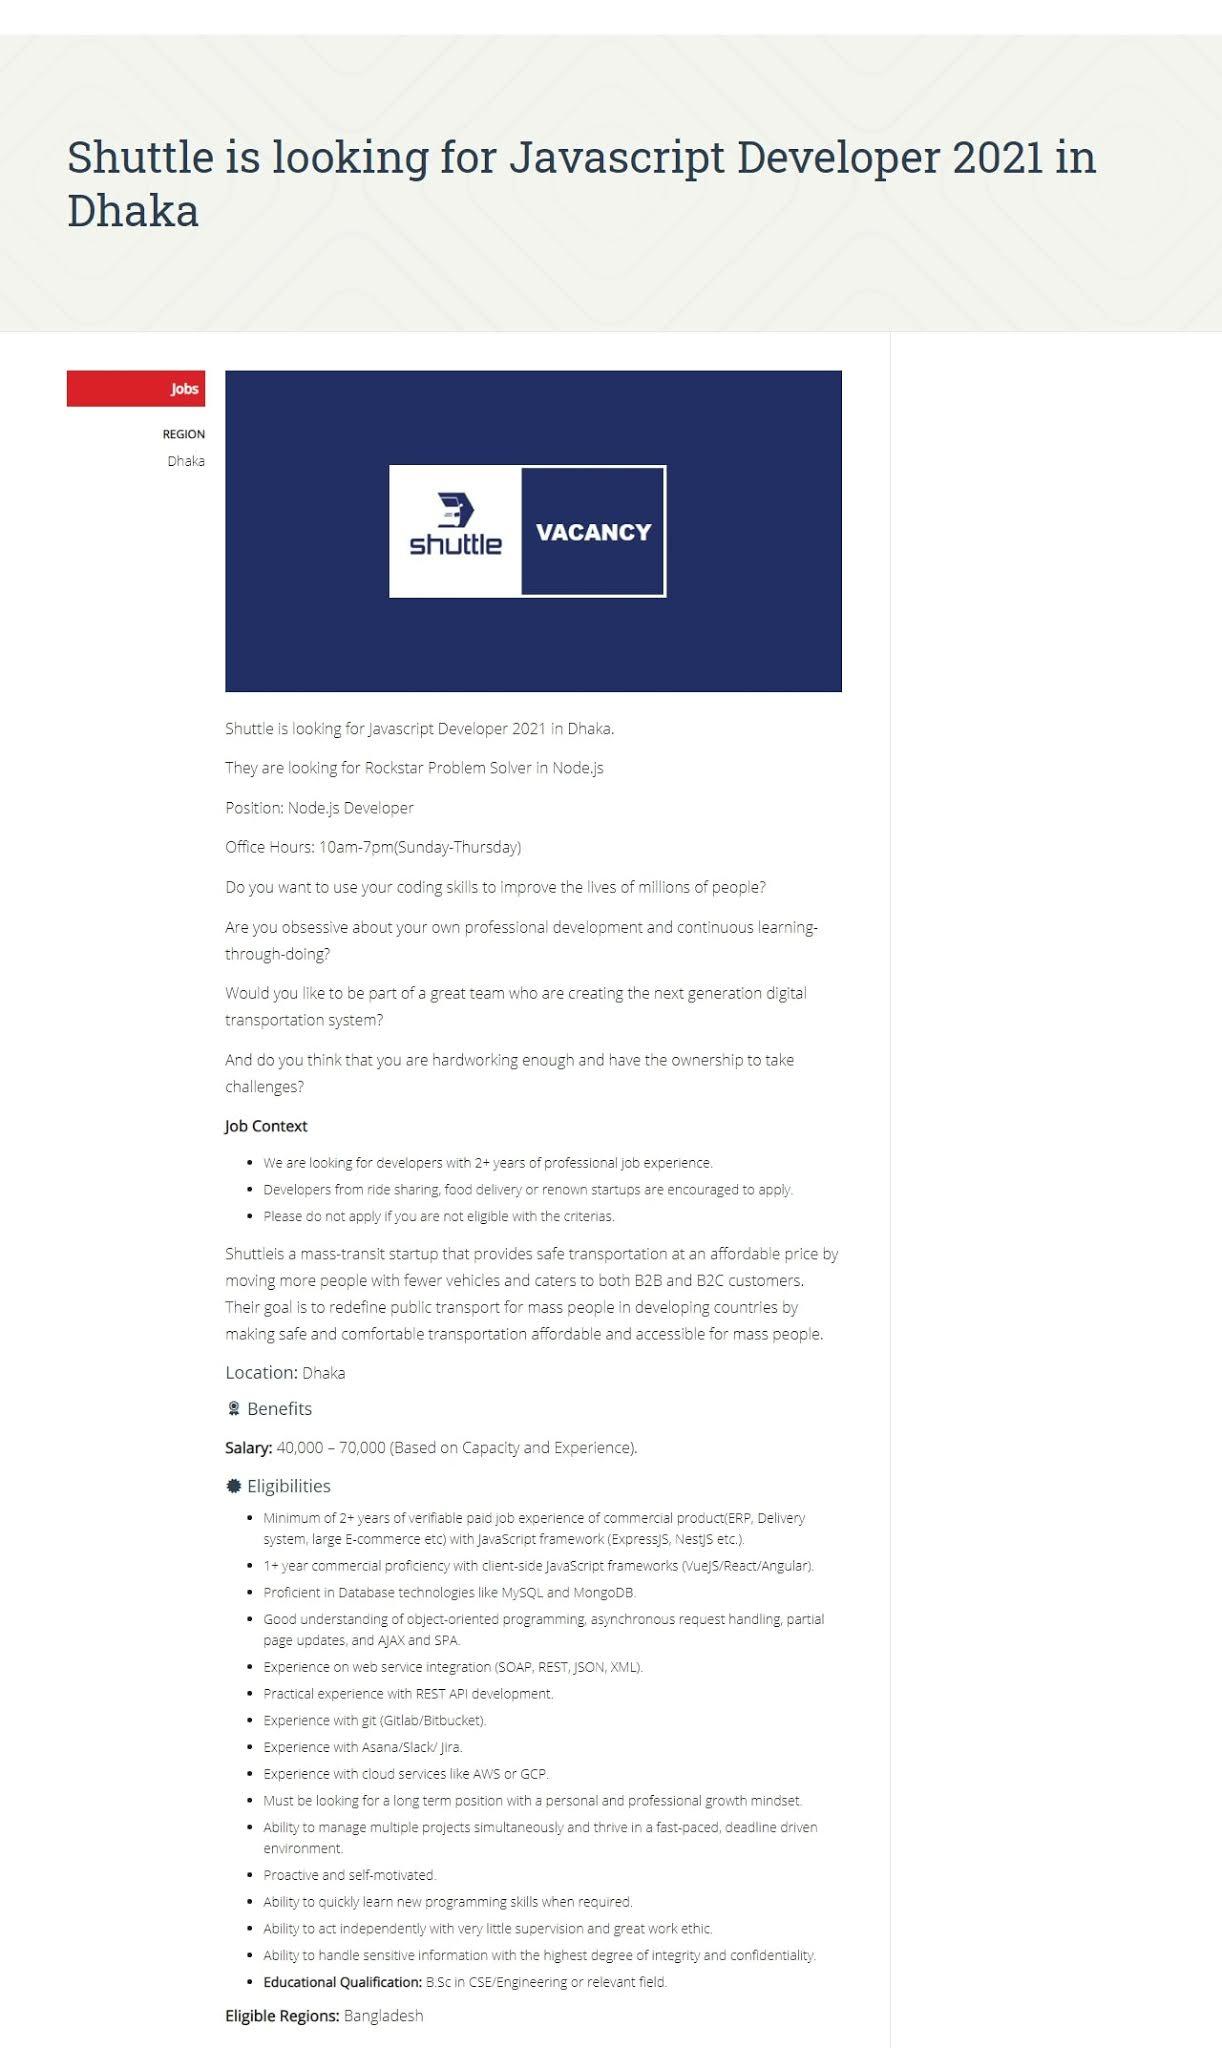 Shuttle is hiring Javascript Developer in Dhaka 2021